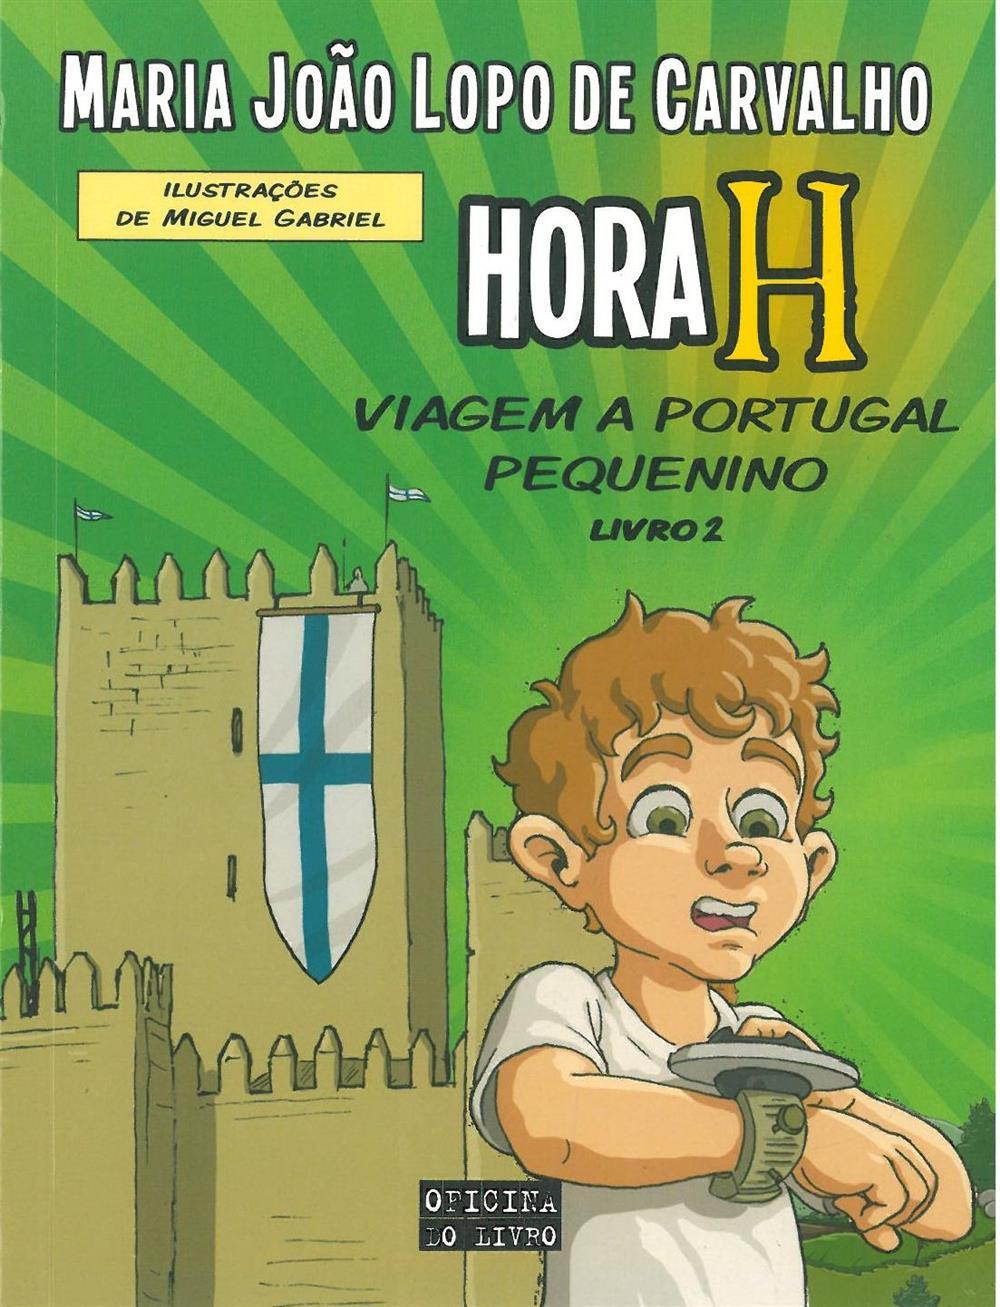 Viagem a Portugal pequenino_.jpg